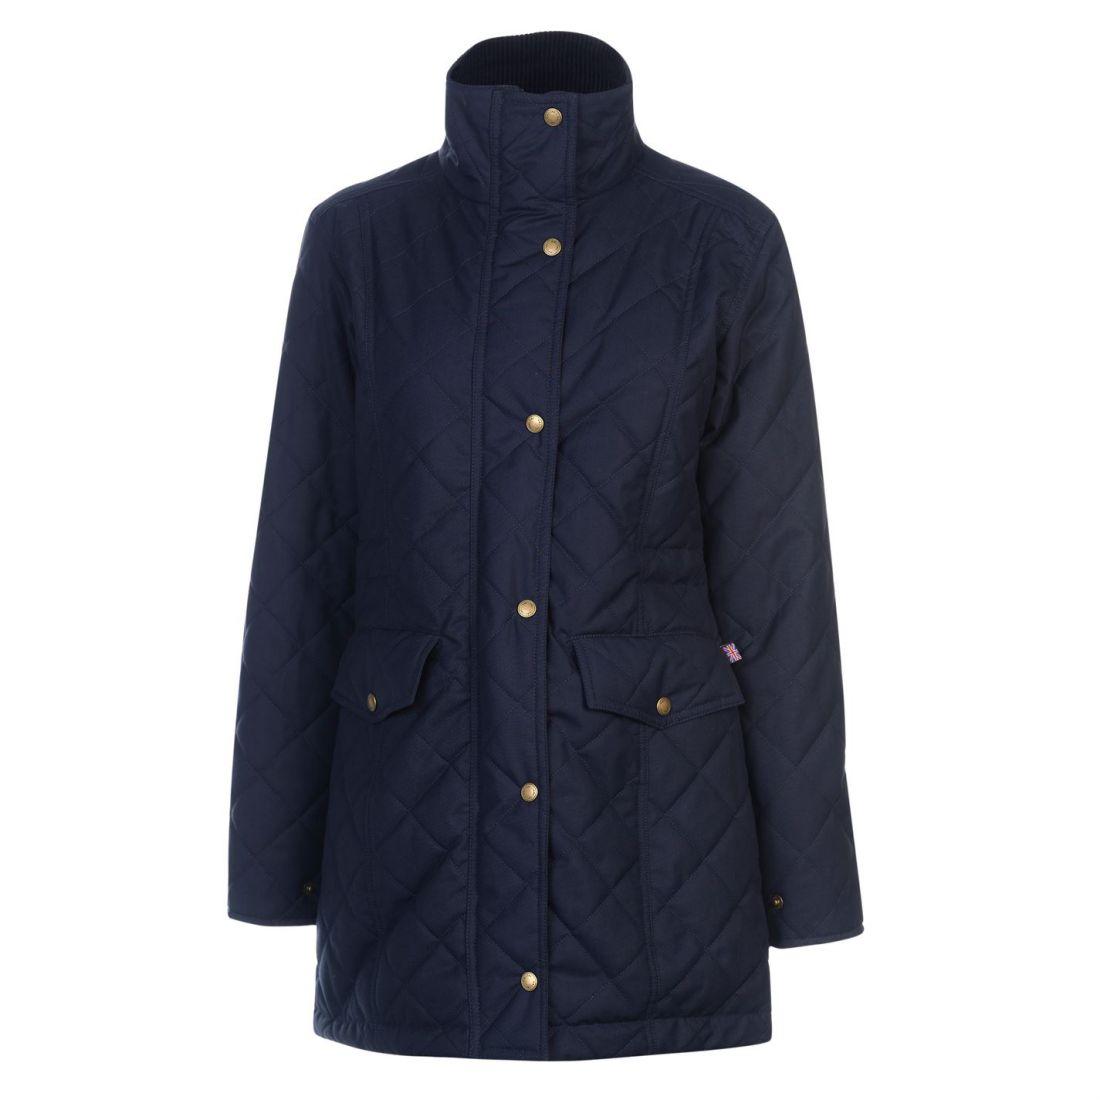 Jacket cotone Equestrian all acqua Navy in Top Tac resistente Coat Hac Zip  Ashton Warm Ladies wan8q 9fb72971695